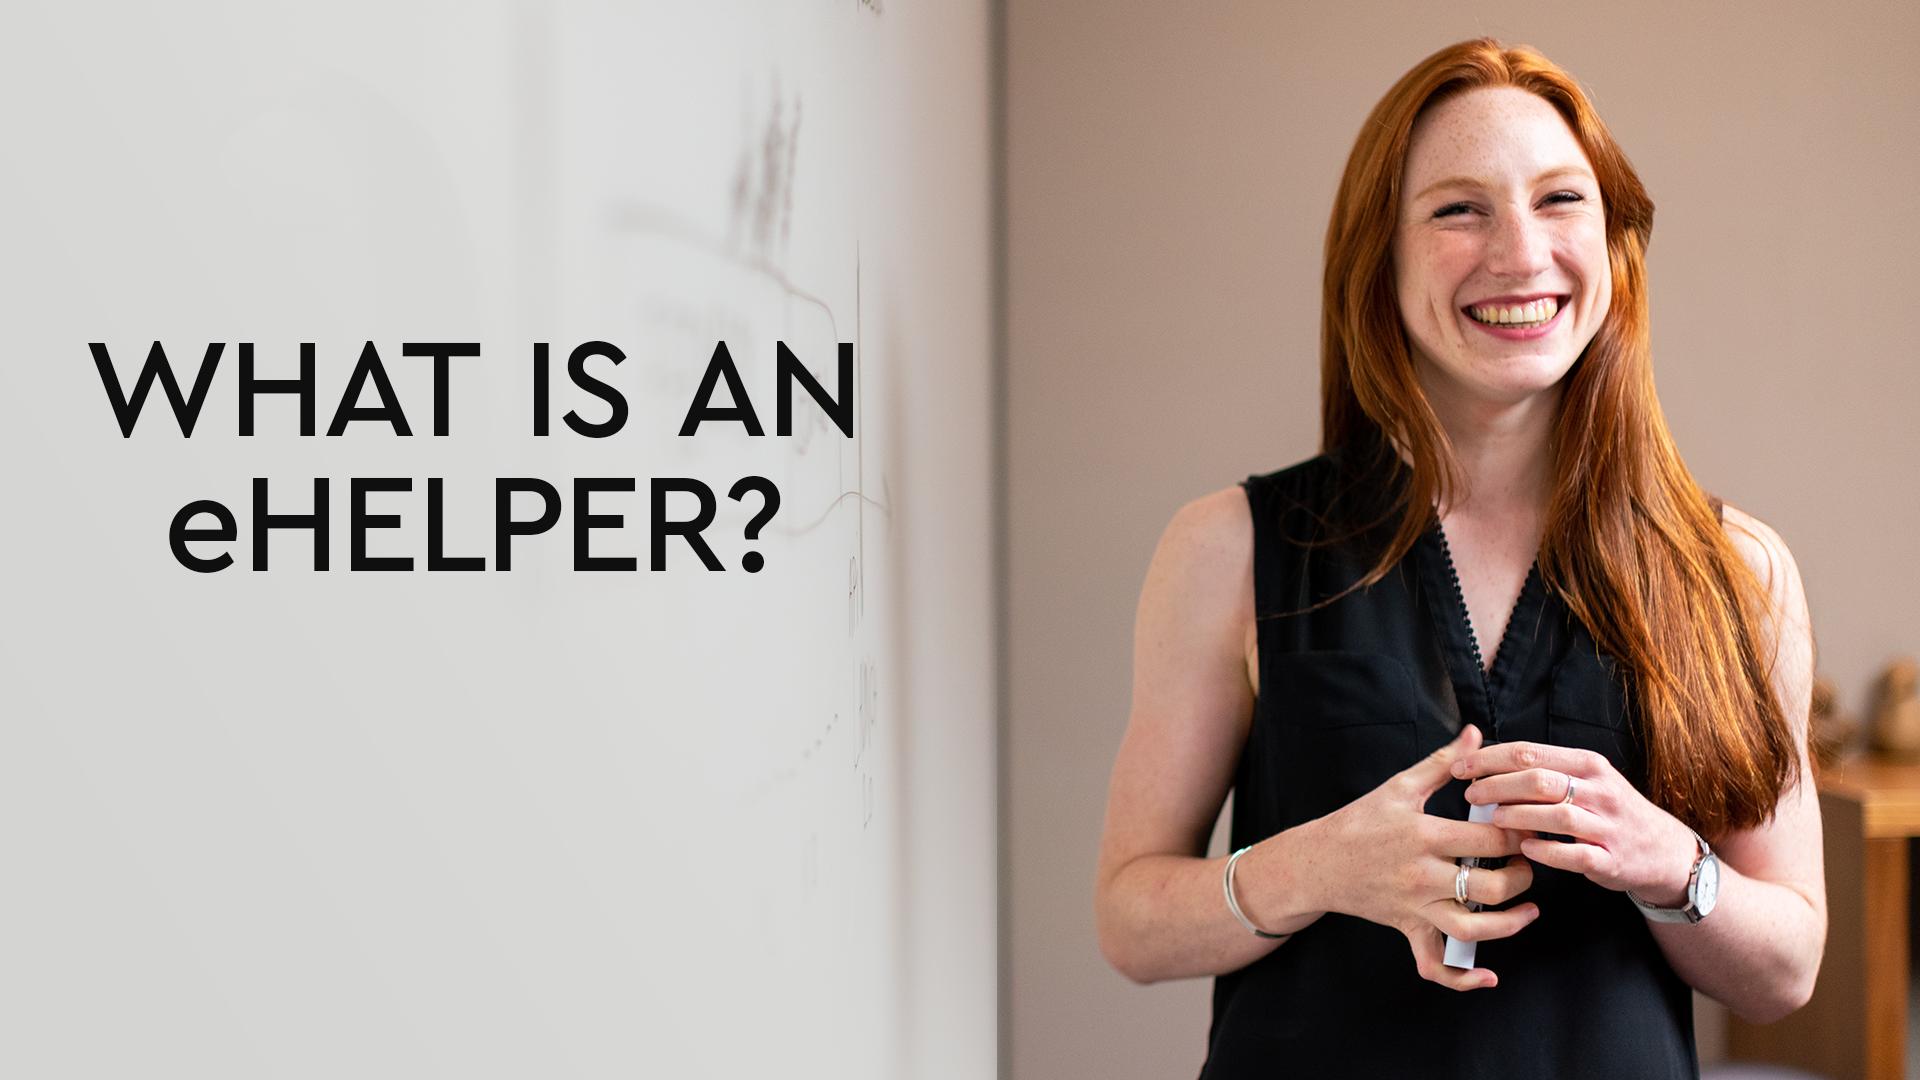 What is an ehelper